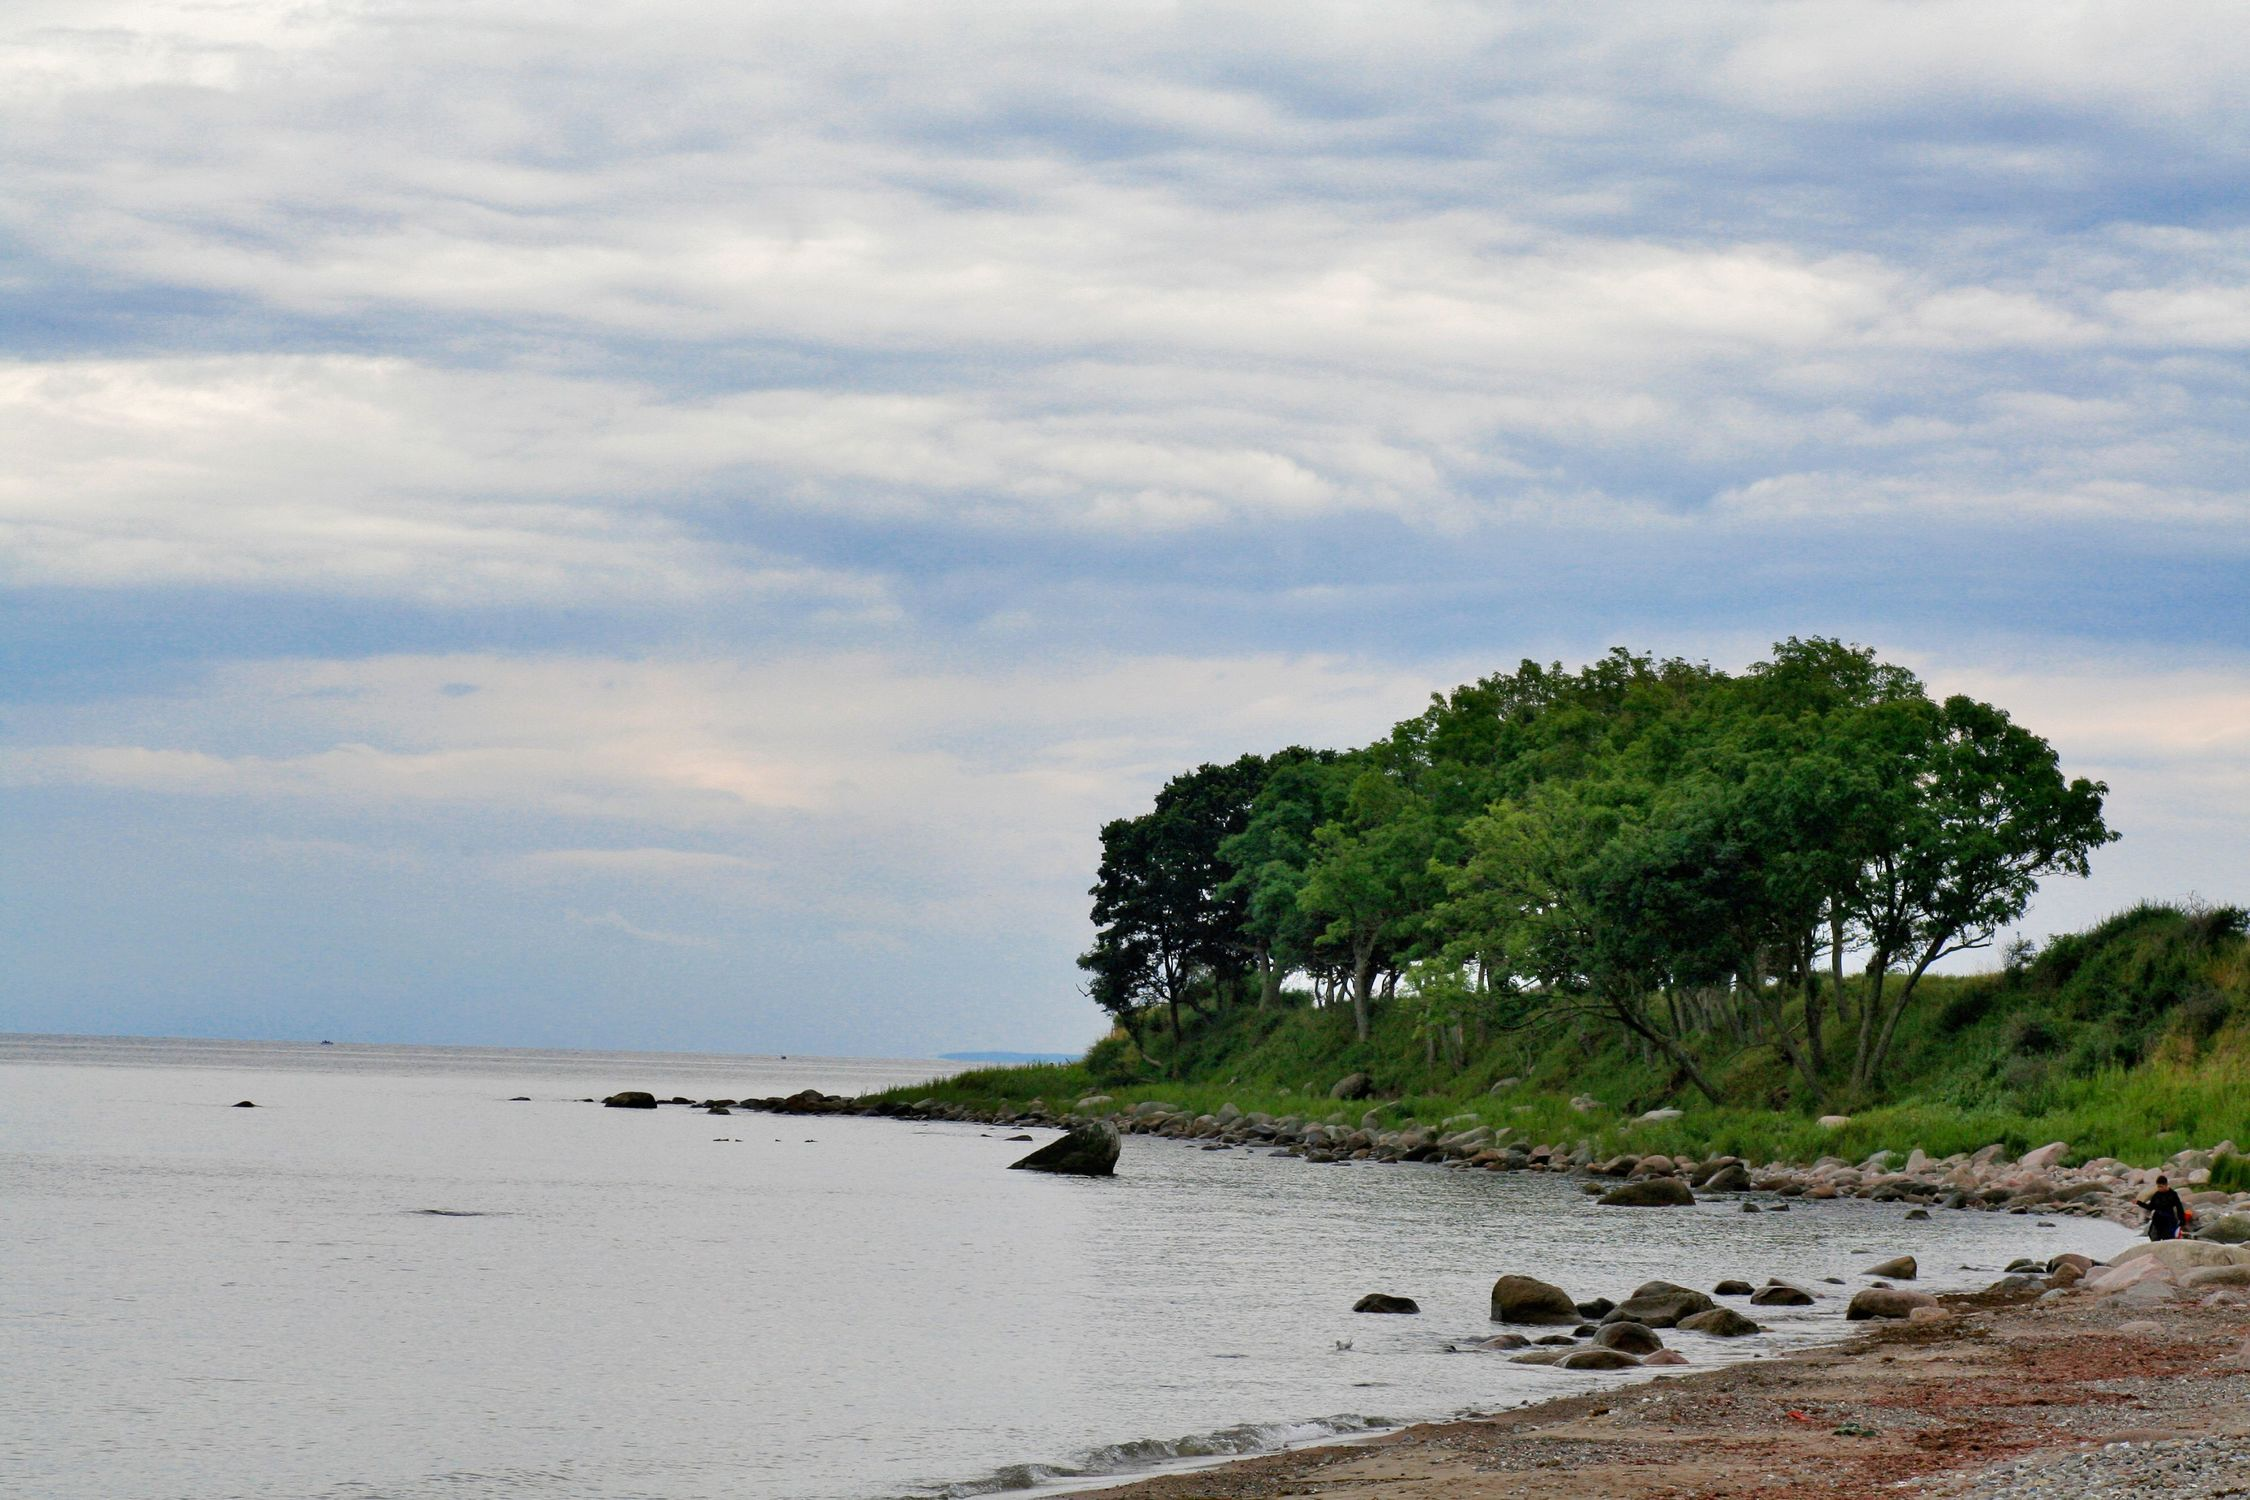 Bild mit Natur, Elemente, Wasser, Pflanzen, Landschaften, Himmel, Bäume, Wolken, Gewässer, Küsten und Ufer, Flüsse, Felsen, Meere, Strände, Horizont, Brandung, Buchten, Landschaft